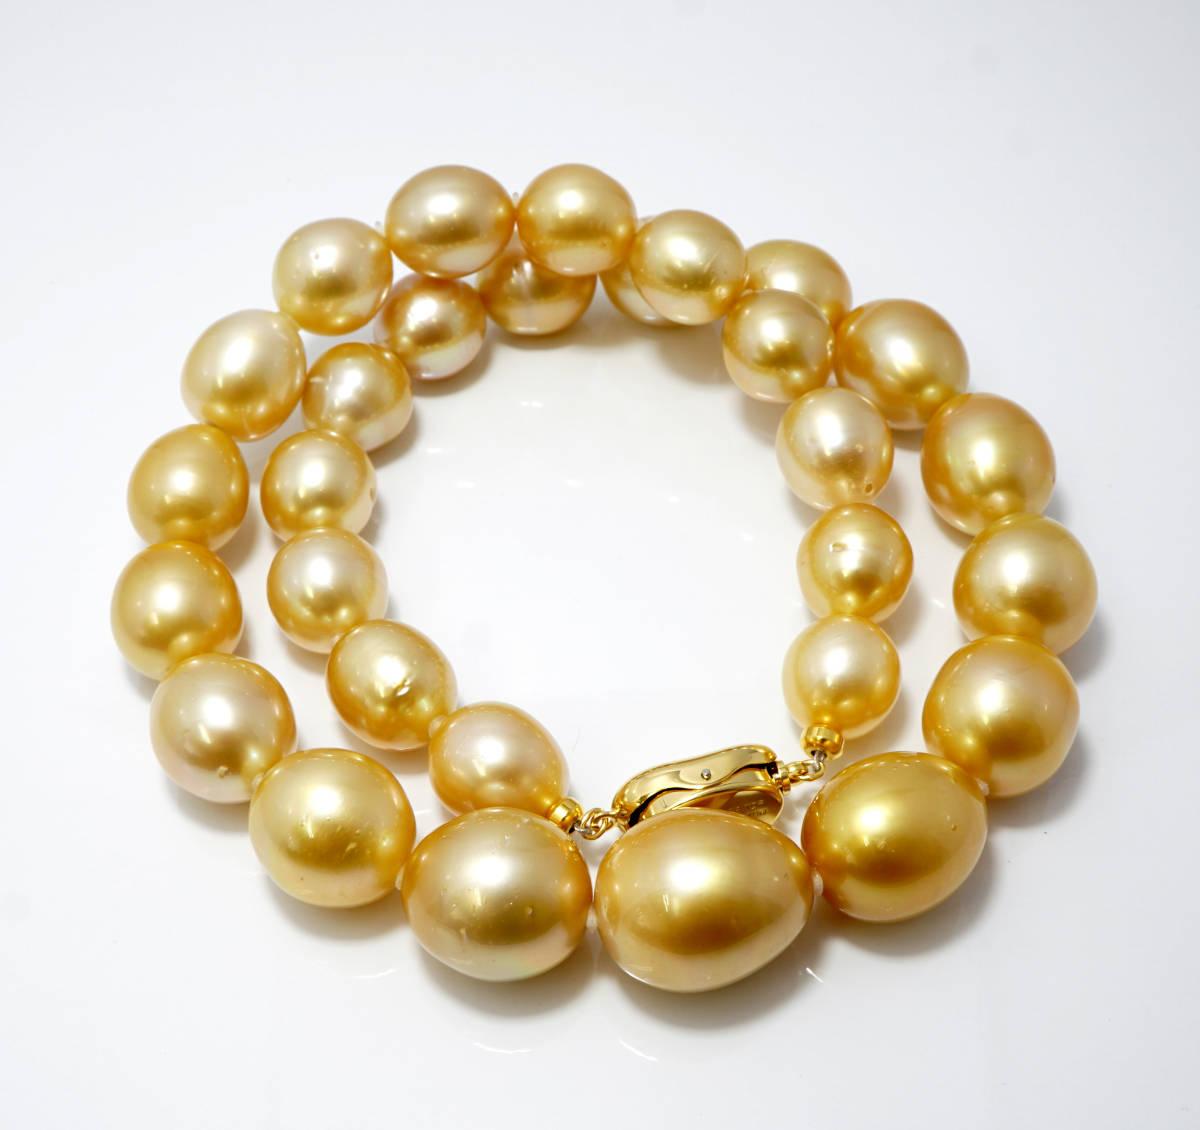 ●新品自家製作 天然南洋白蝶パール 照り最高 大珠 15.4mm ゴールド 44cm SV jewelry ネックレス ジュエリー